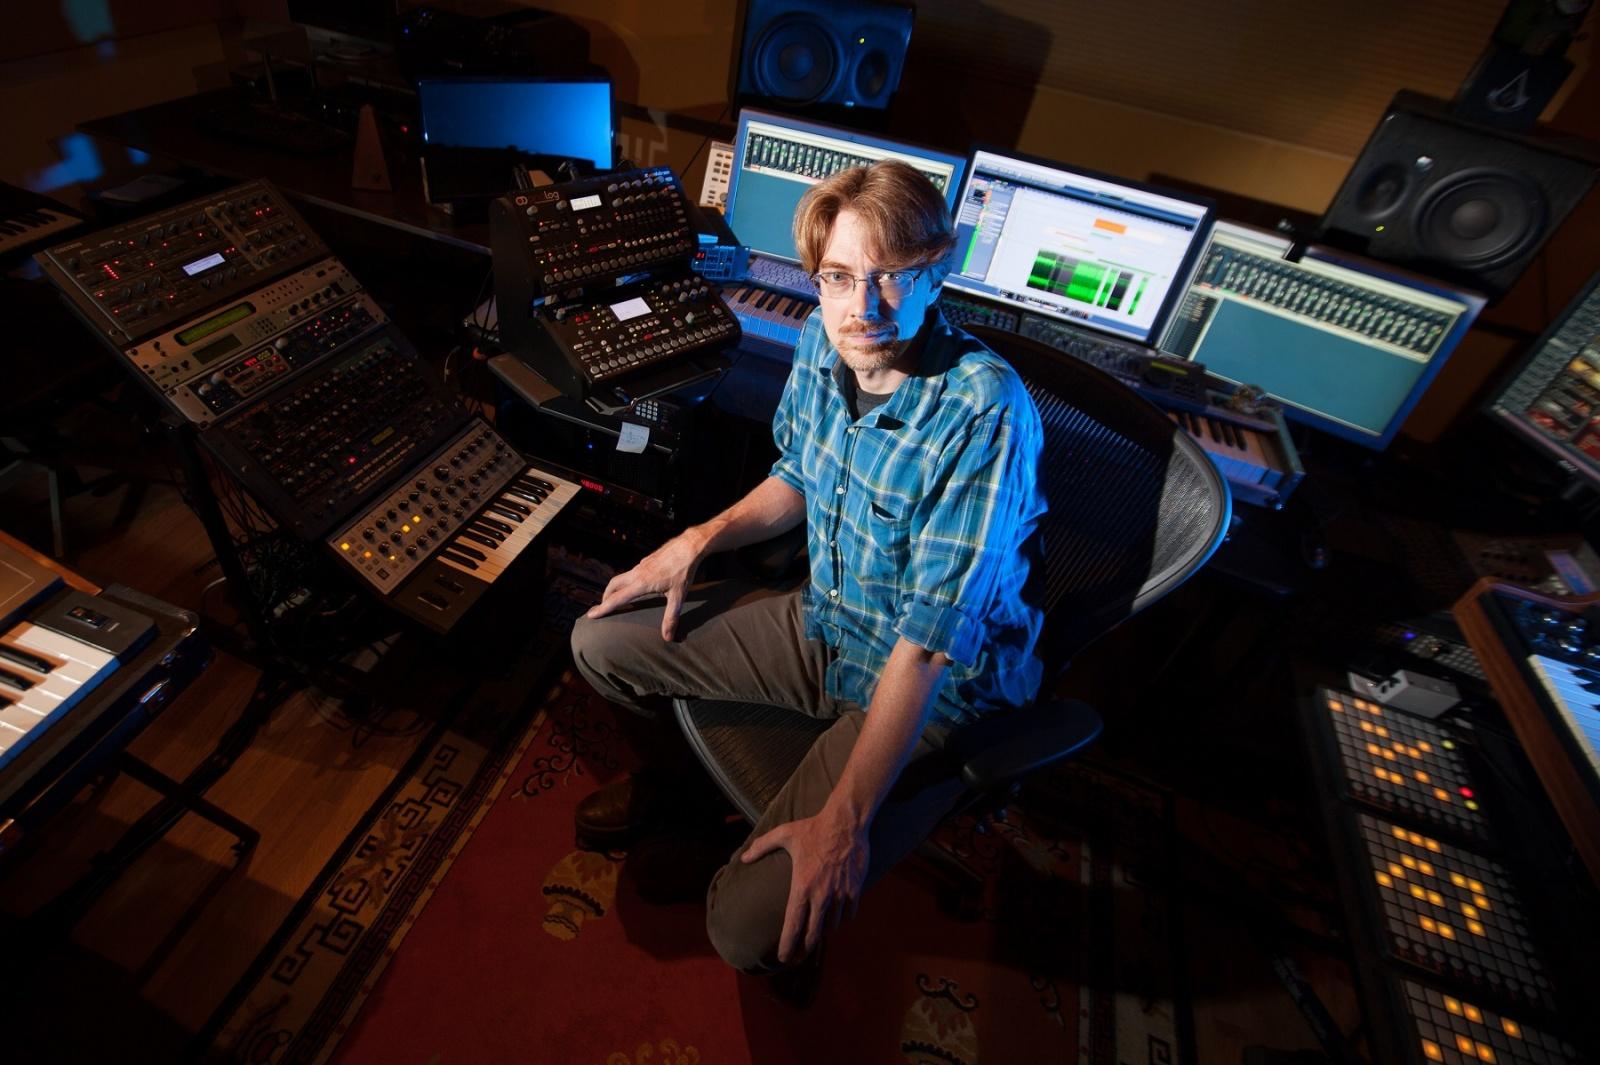 Джеспер Кид: «Я стал делать музыку более эпичной» - 1